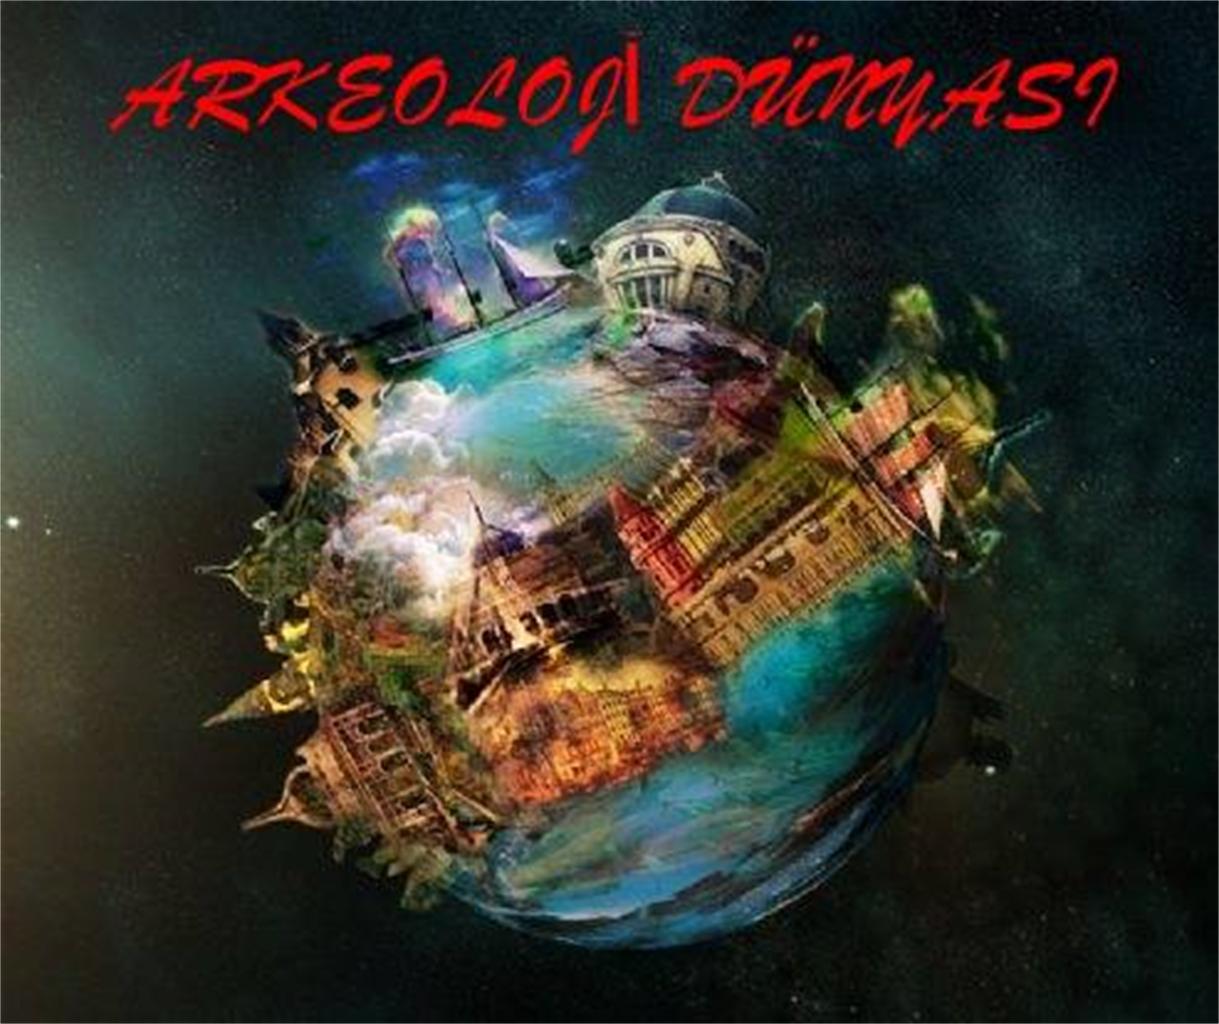 Arkeoloji Dünyası